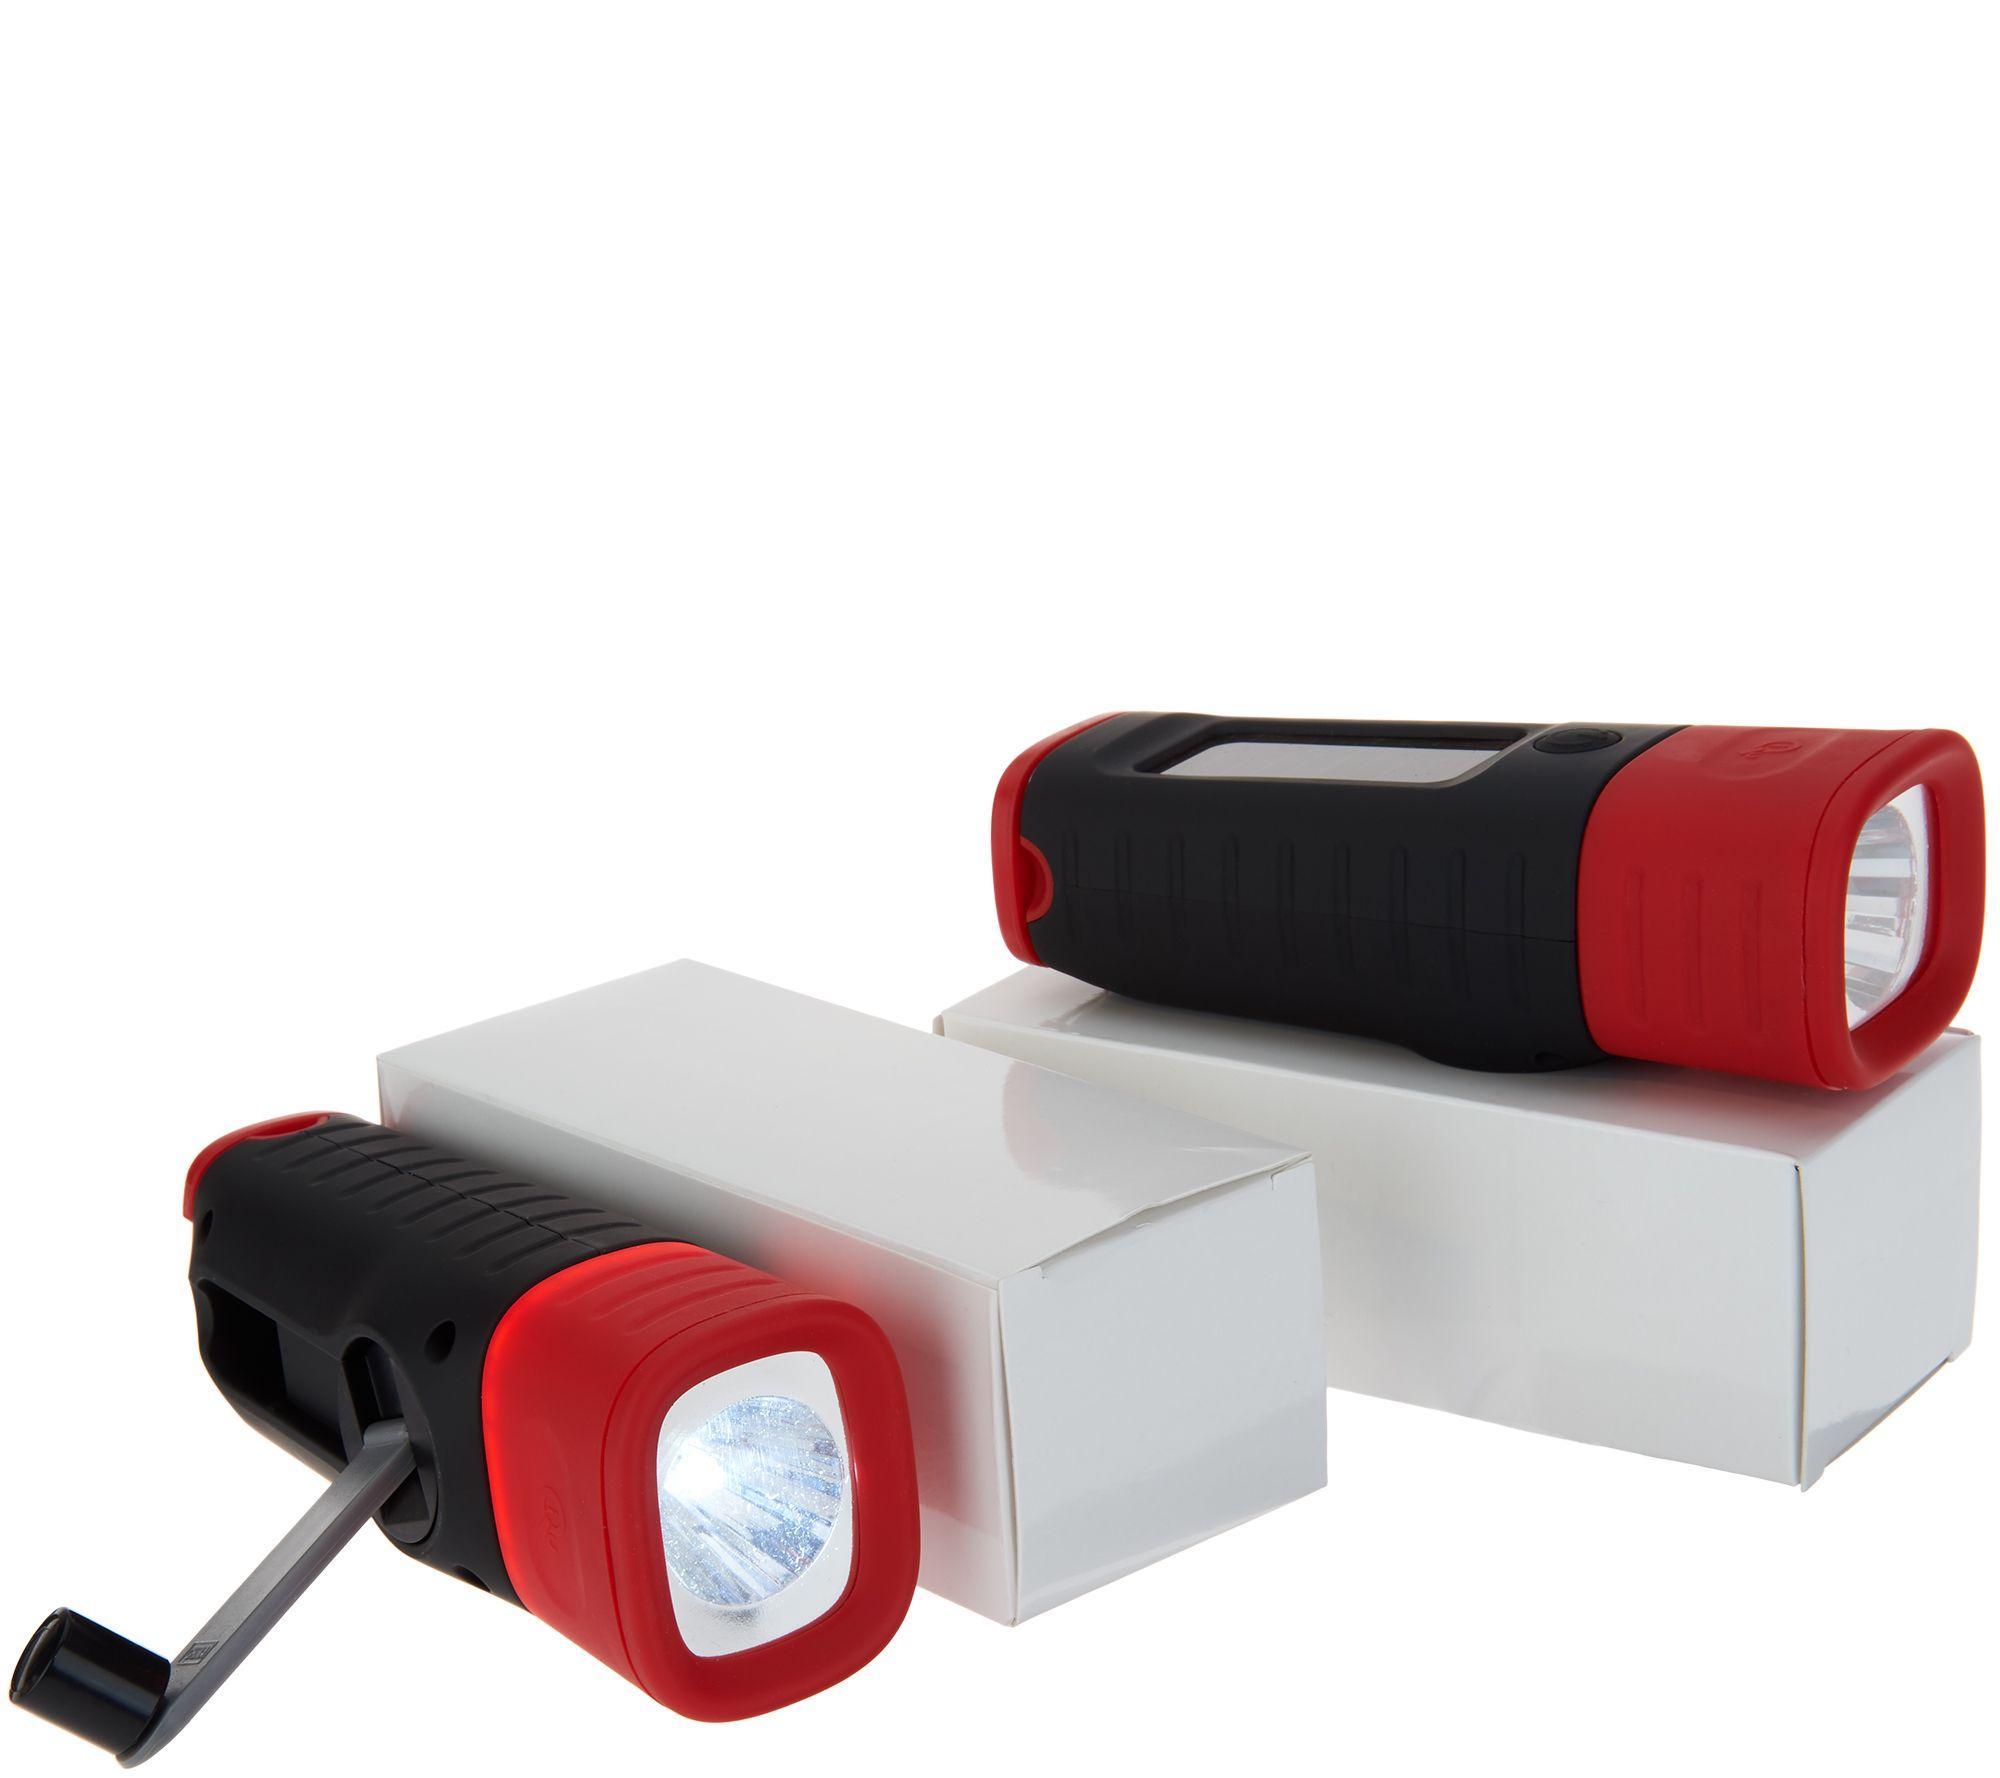 Arena Vision Lights: Set Of 2 Solar & Crank Dual Charge LED Lantern Lights